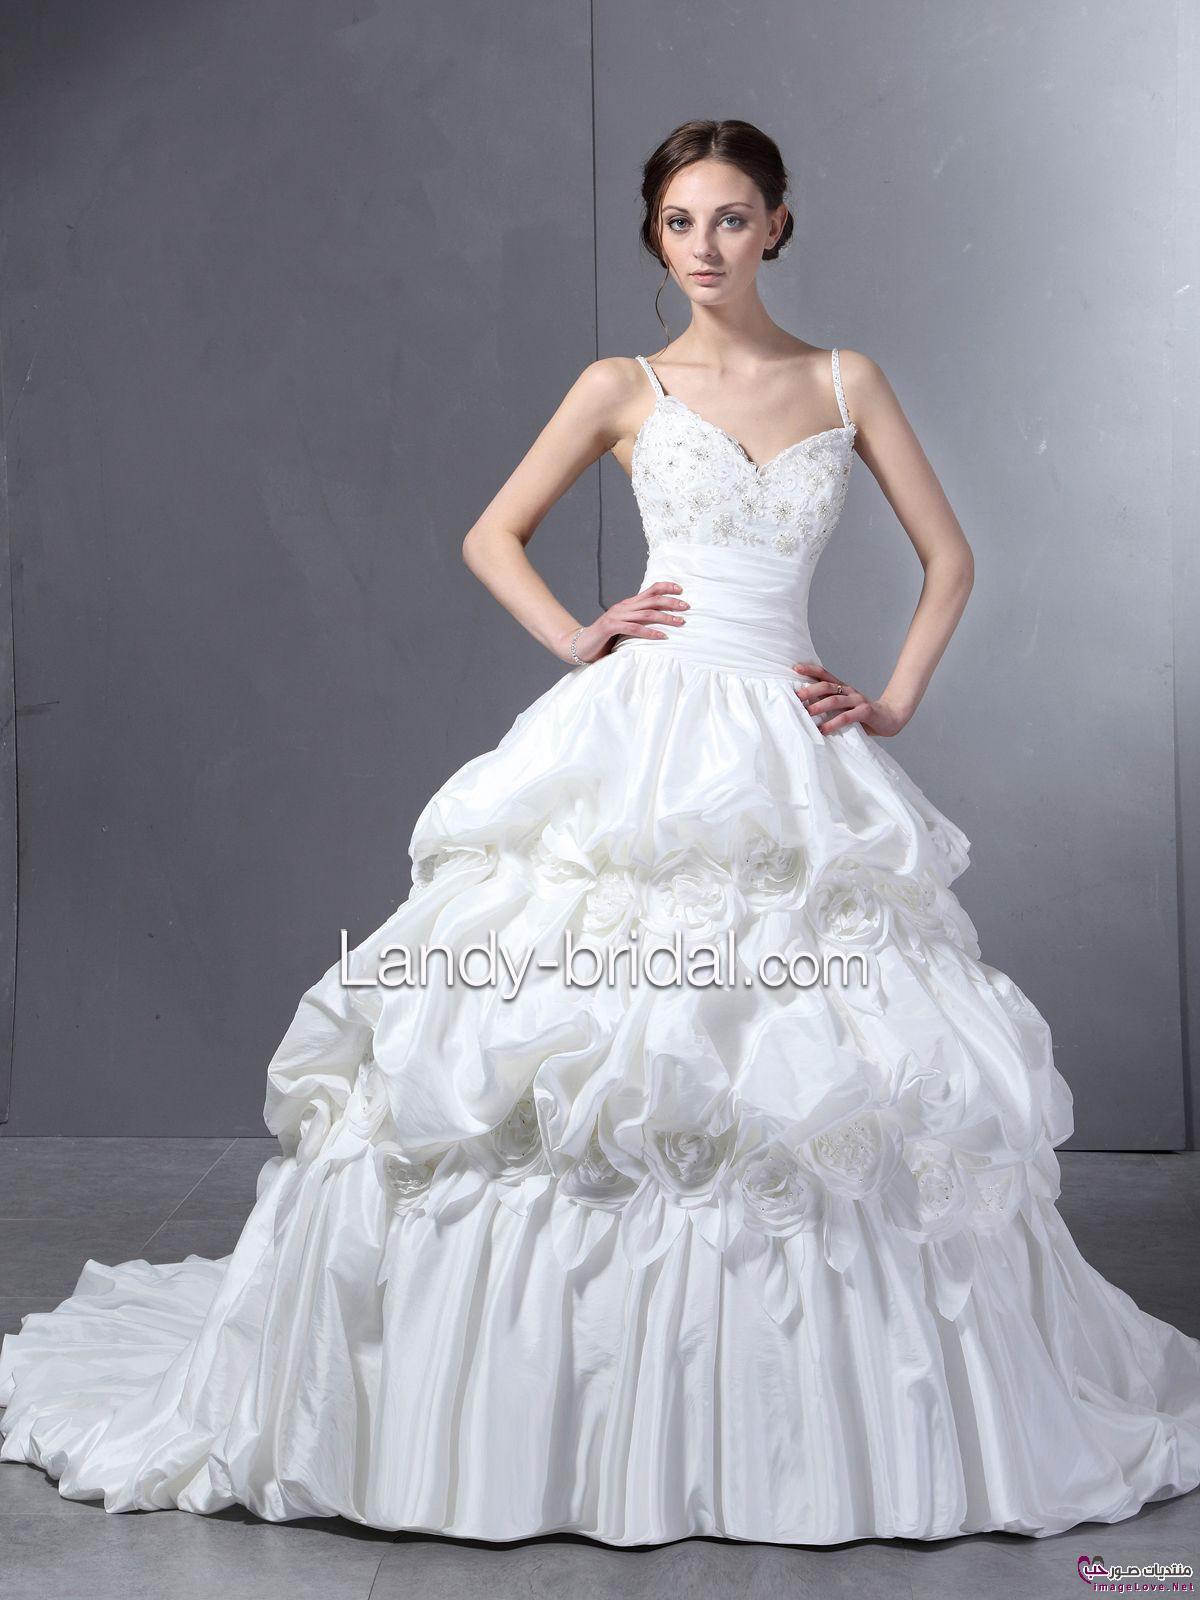 أجمل فستان للزفاف - صور فساتين زفاف 2013_1374706658_810.